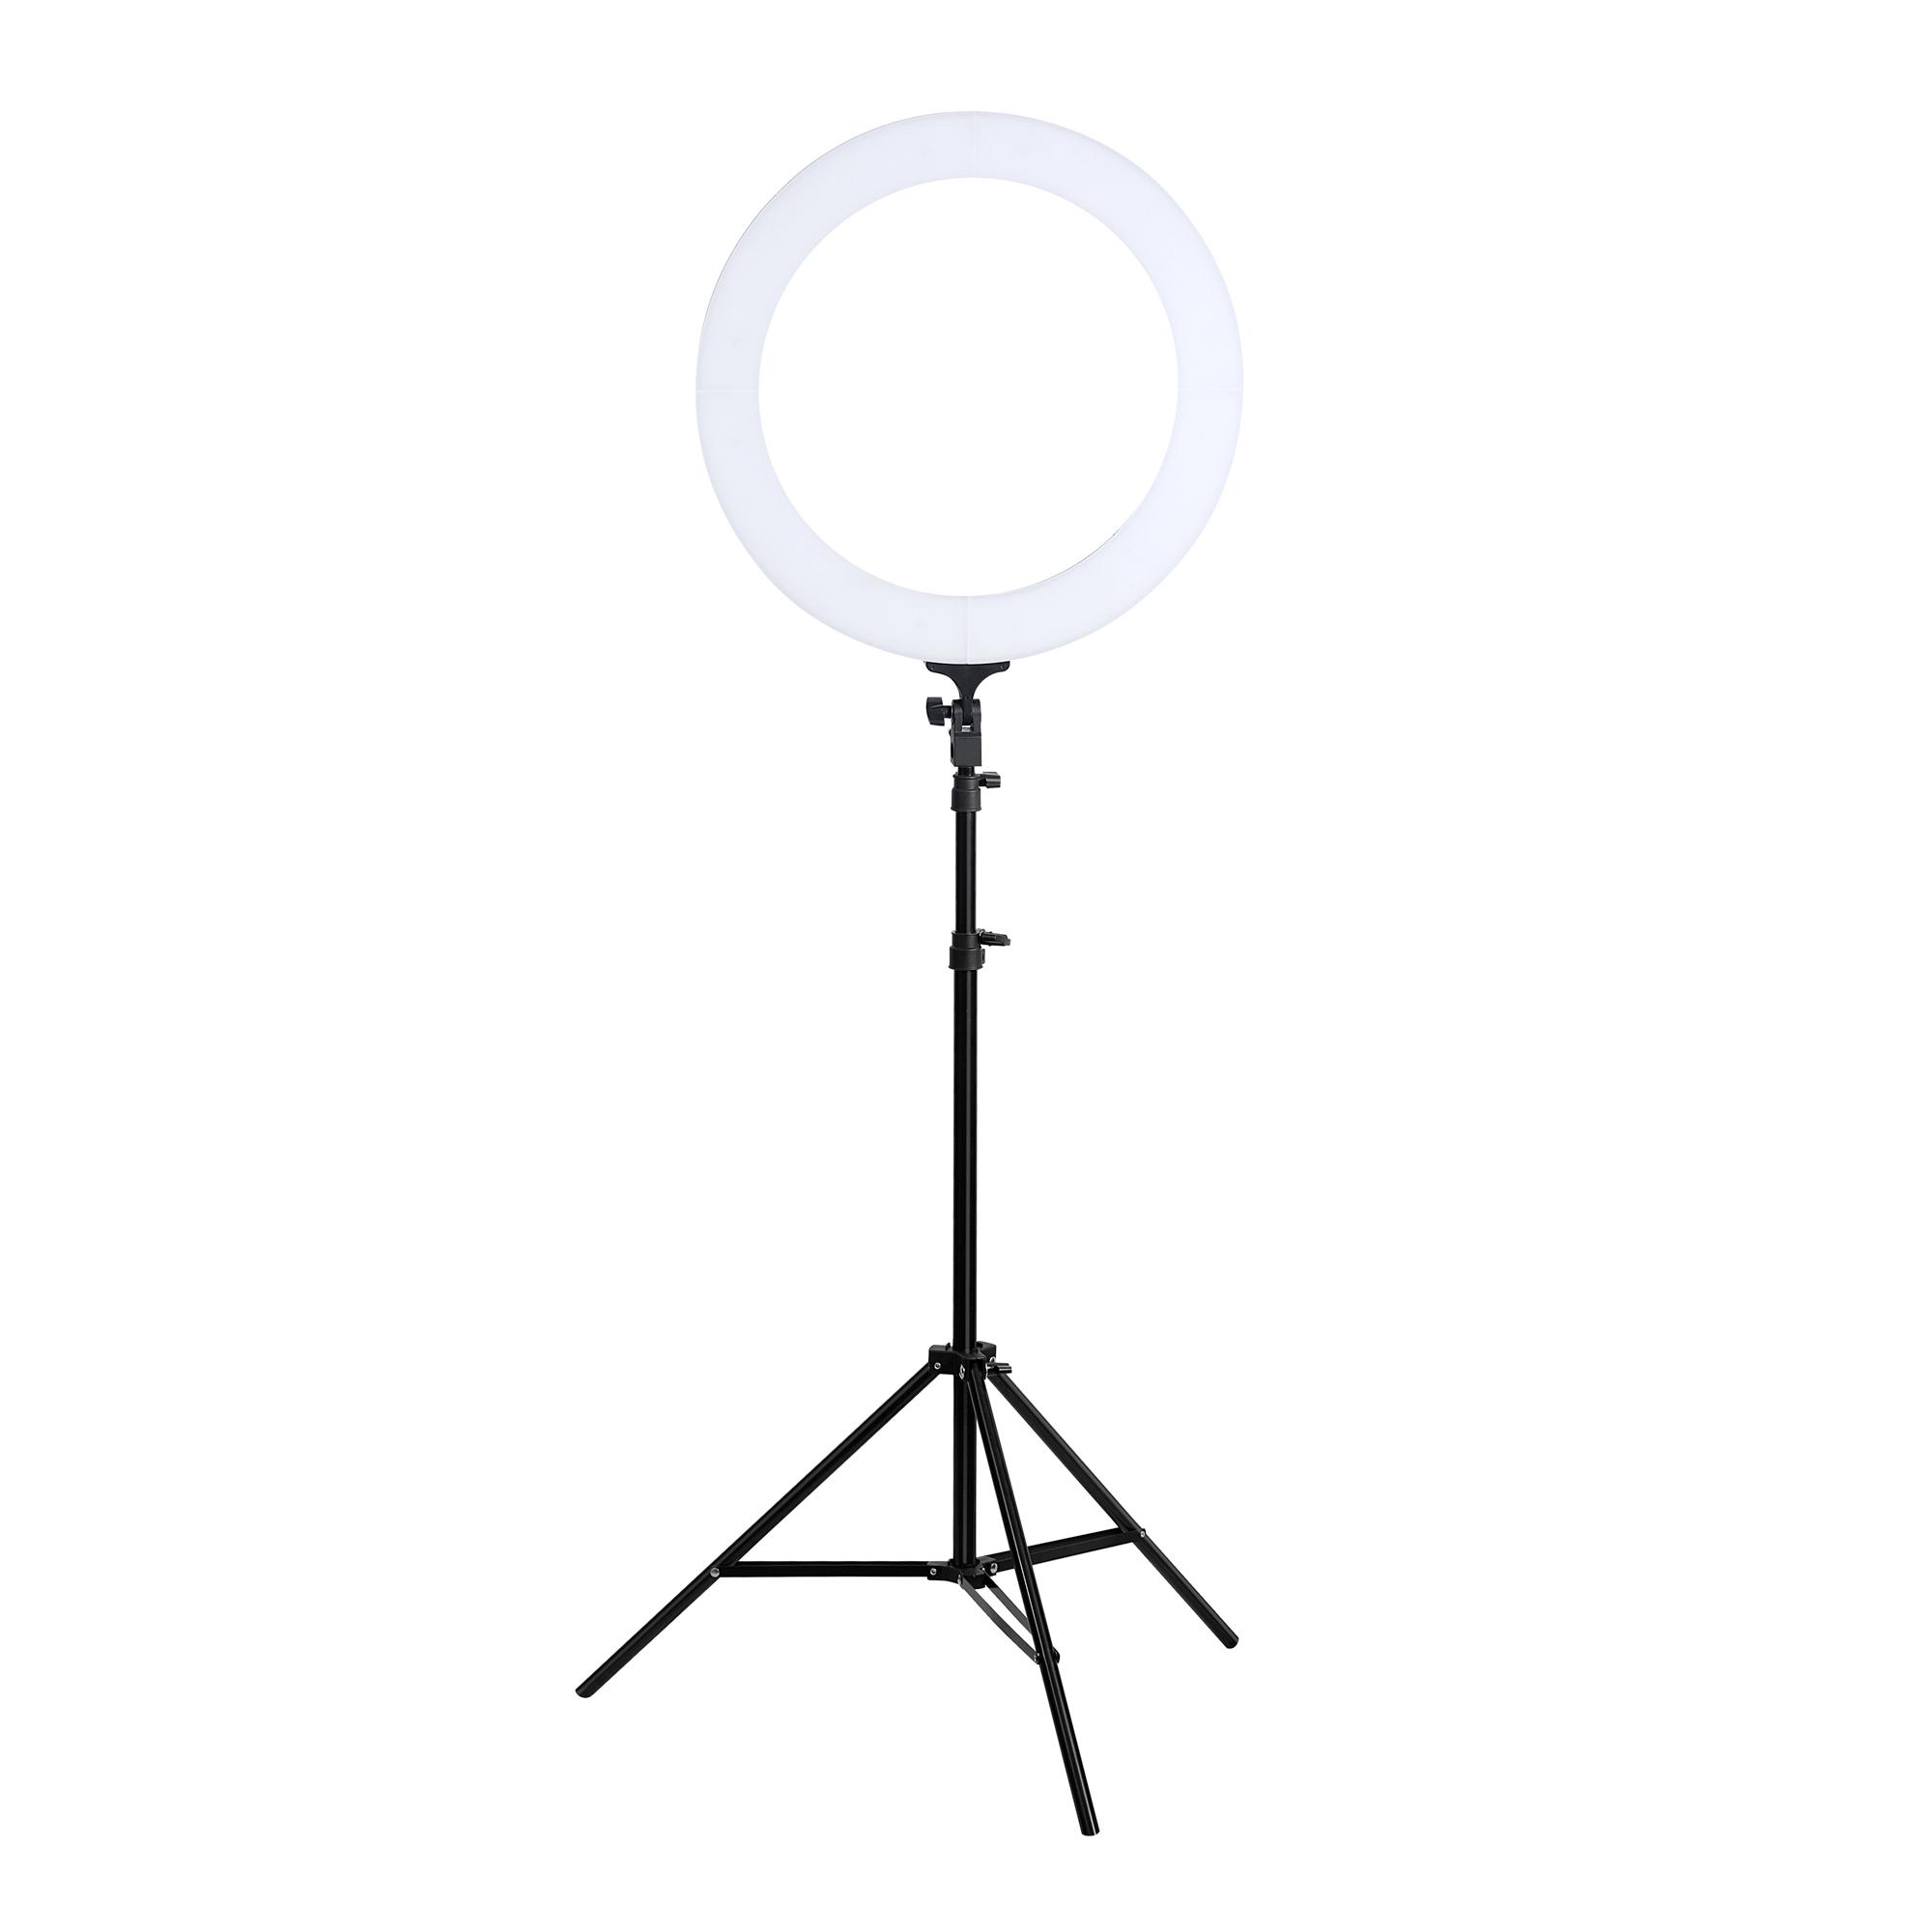 Лампа кольцевая светодиодная 12, Lucas cosmetics - цена: 10 395 Р